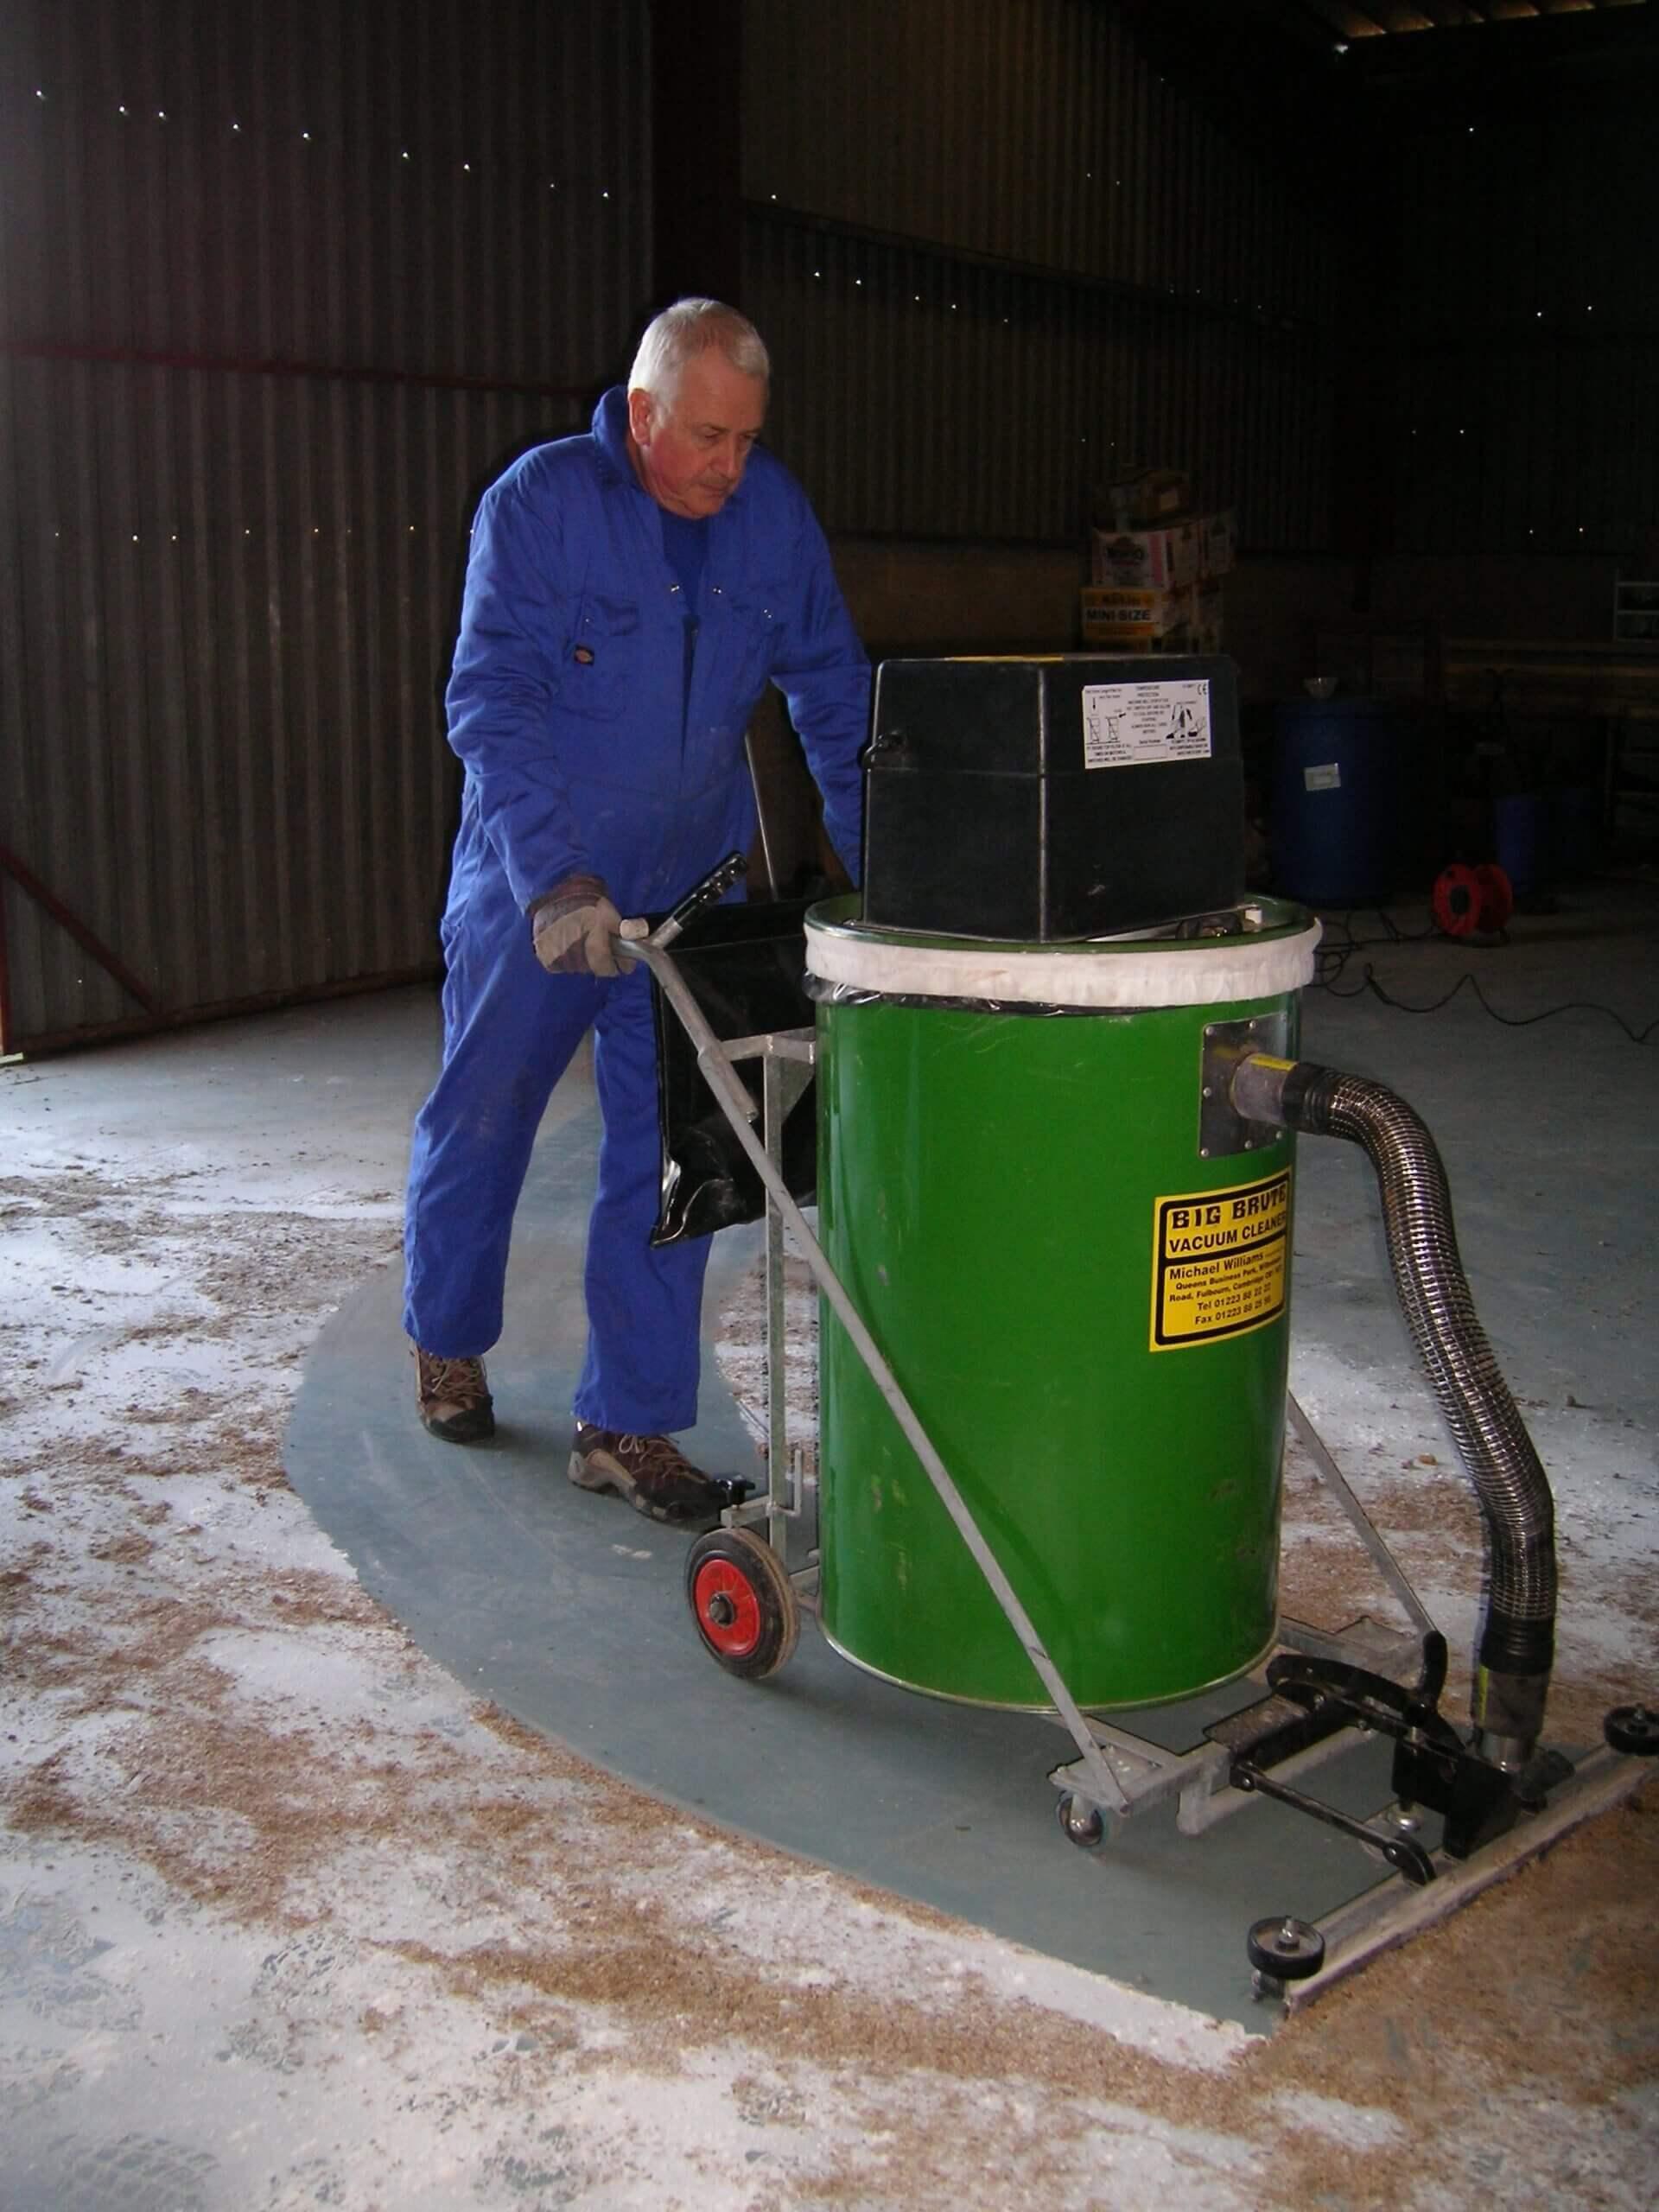 Big Brute Warehouseman Industrial Vacuum Cleaner Cleaning A Dusty Floor